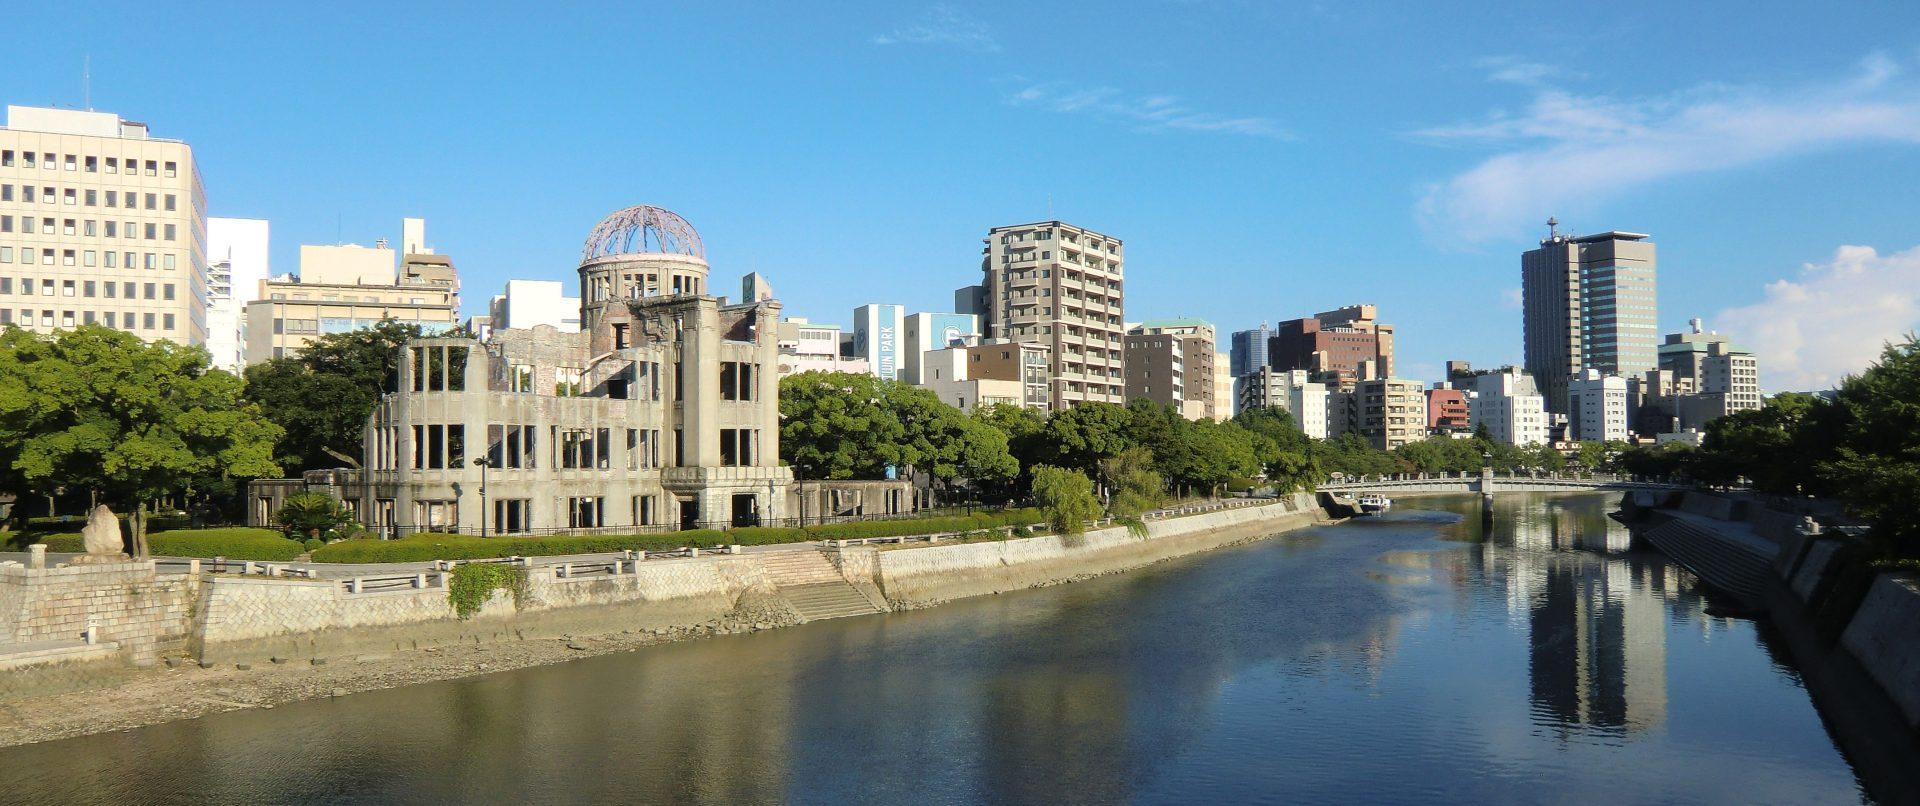 広島市南区の風景